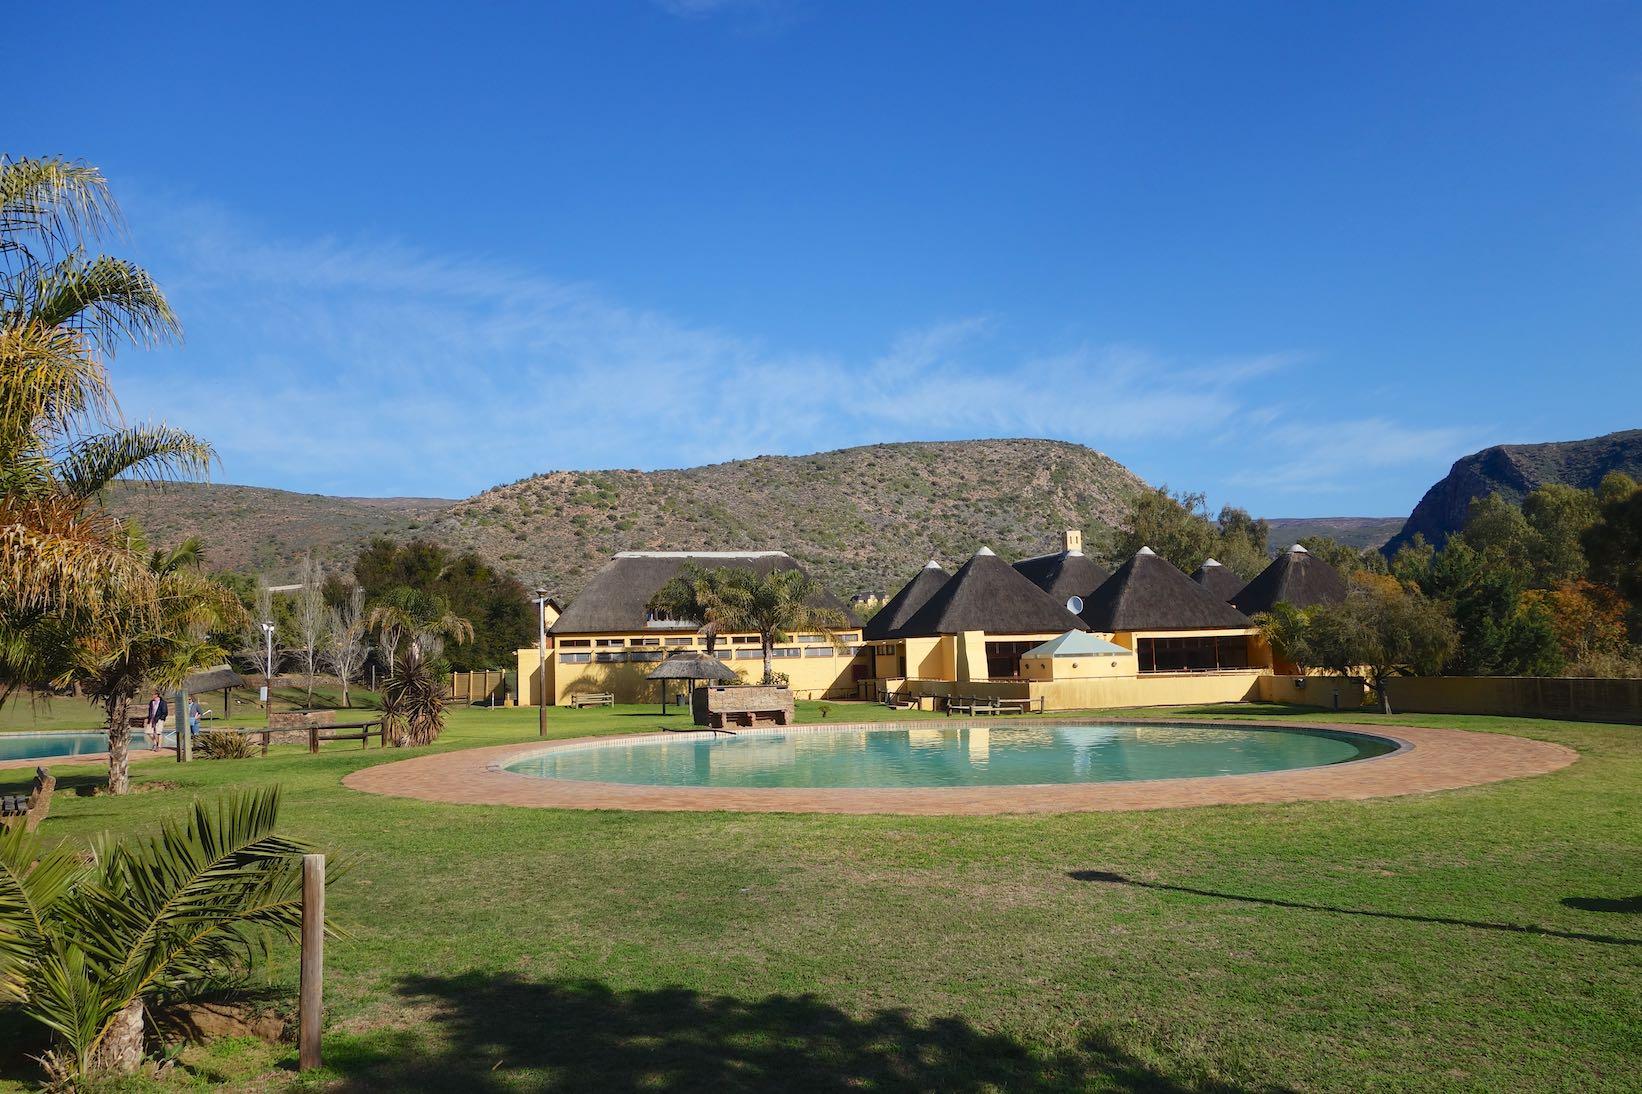 Calitzdorp Spa in der Nähe von Oudthoorn